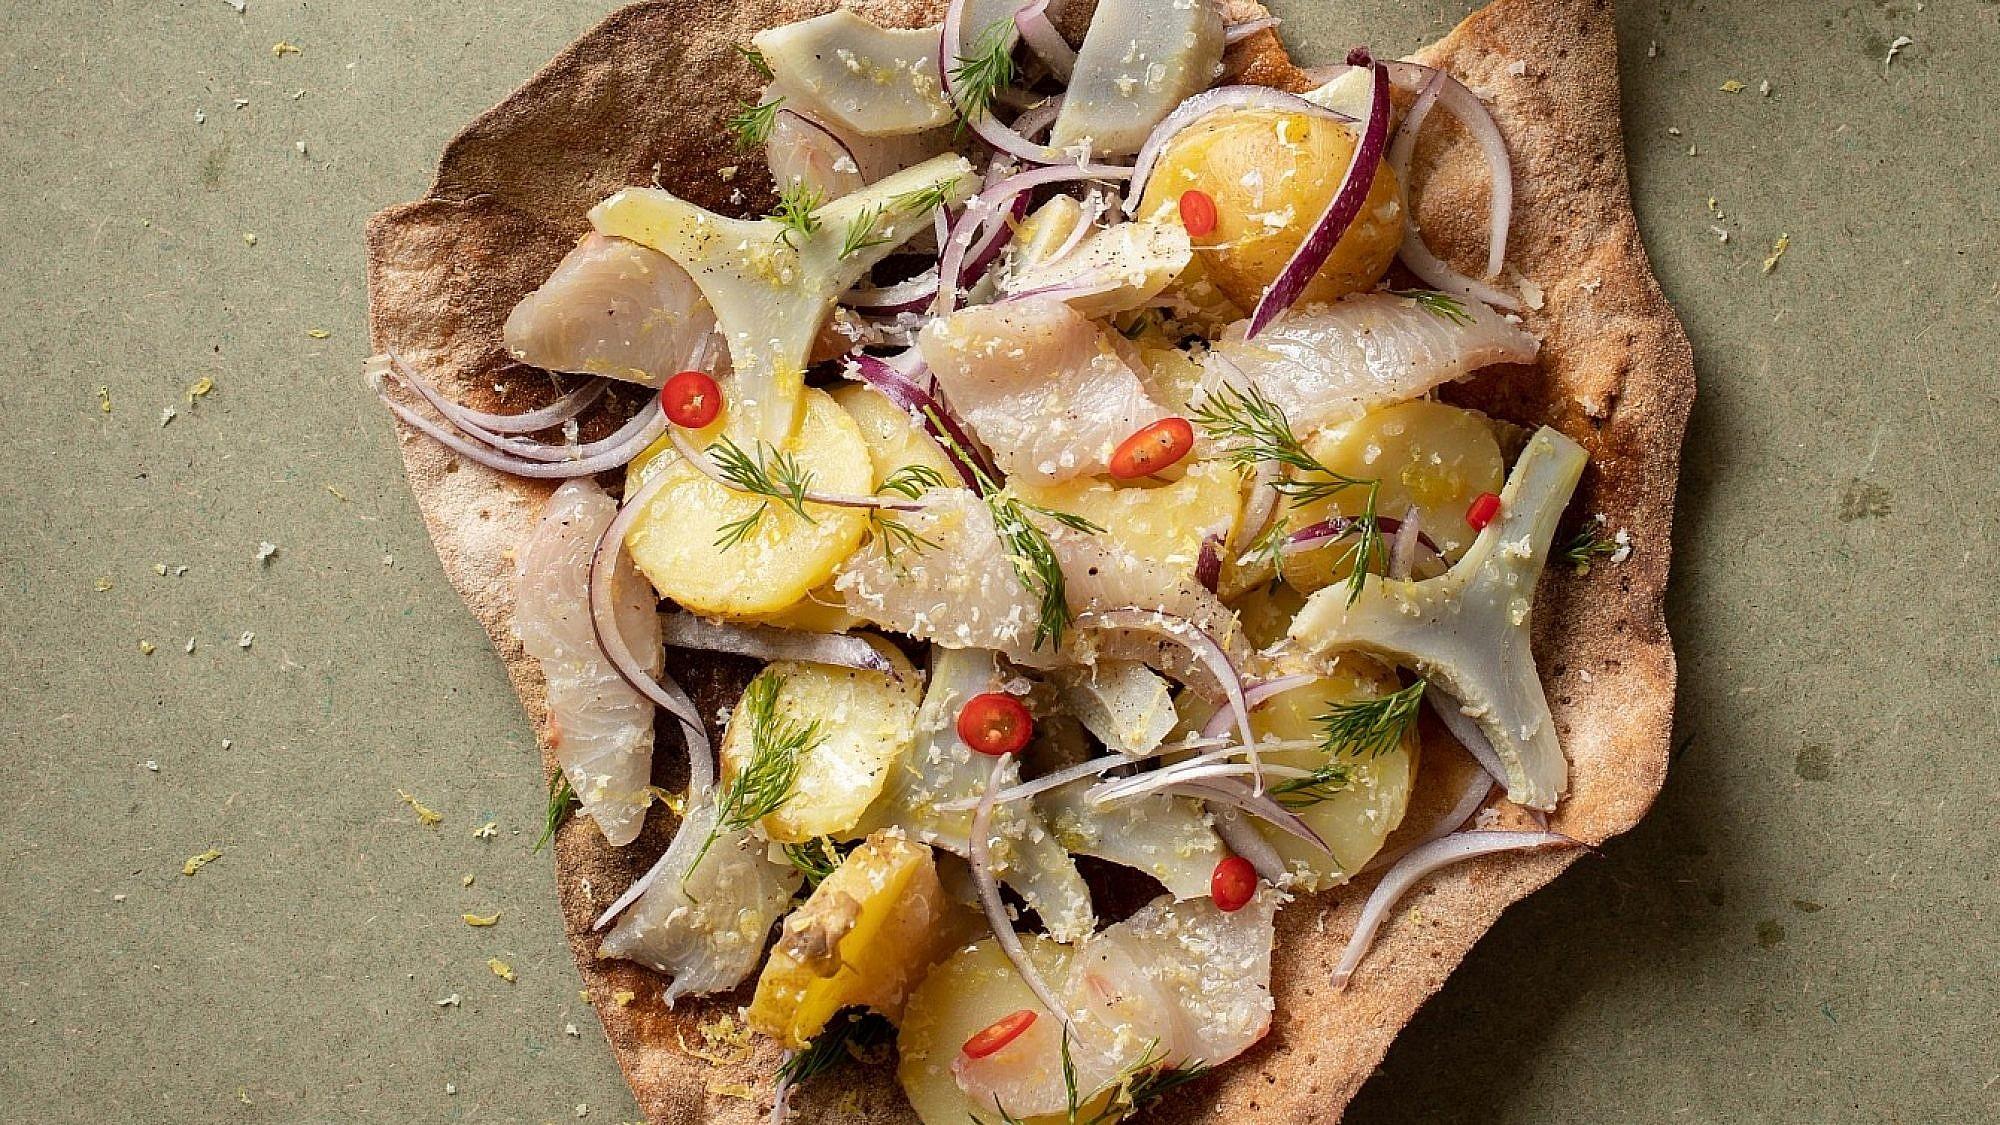 סלט תפוחי אדמה עם ארטישוק ודג כבוש של רינת צדוק. צילום: חיים יוסף